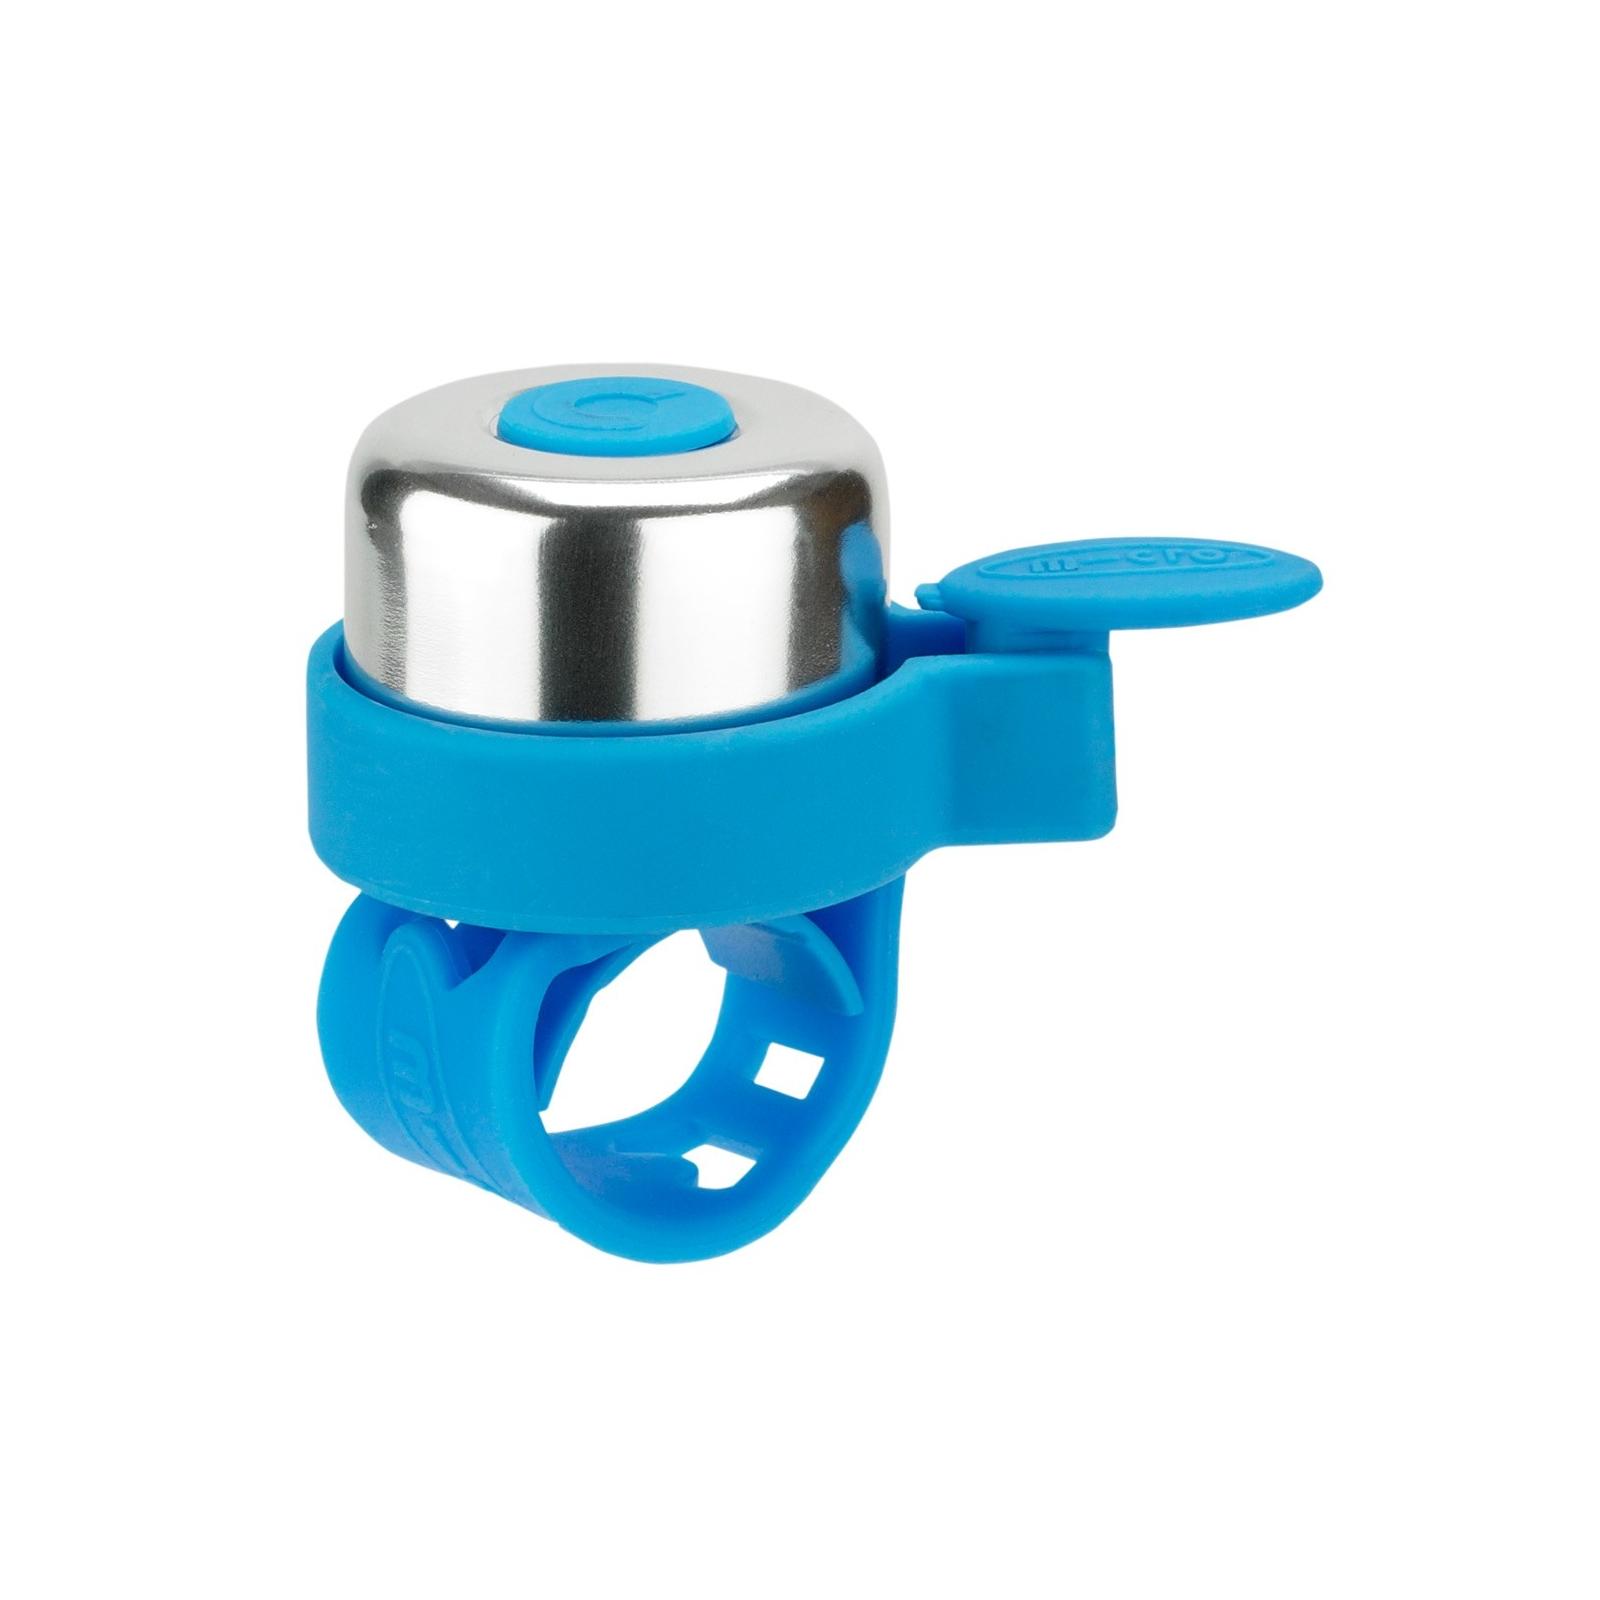 Велозвонок Micro Bell, аква